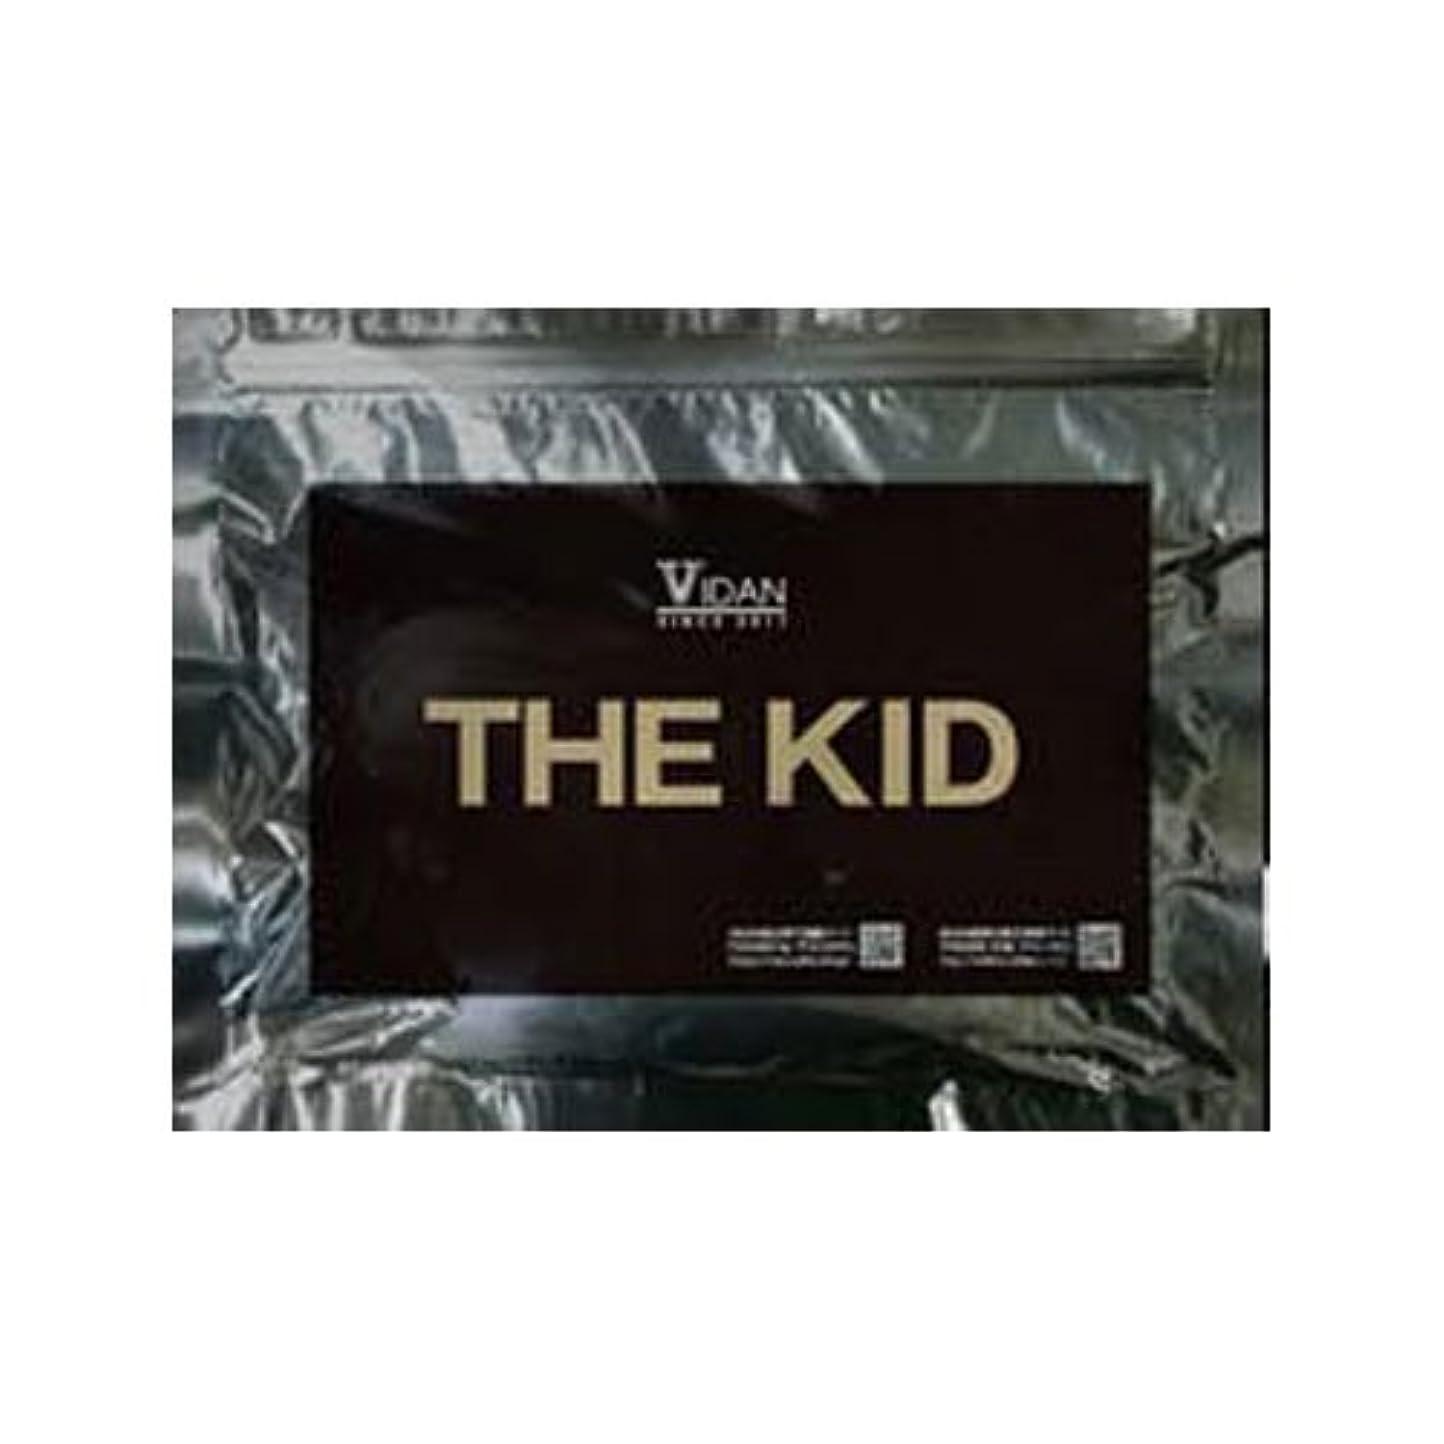 :ビダンザキッド VIDAN THE KID 20枚入り